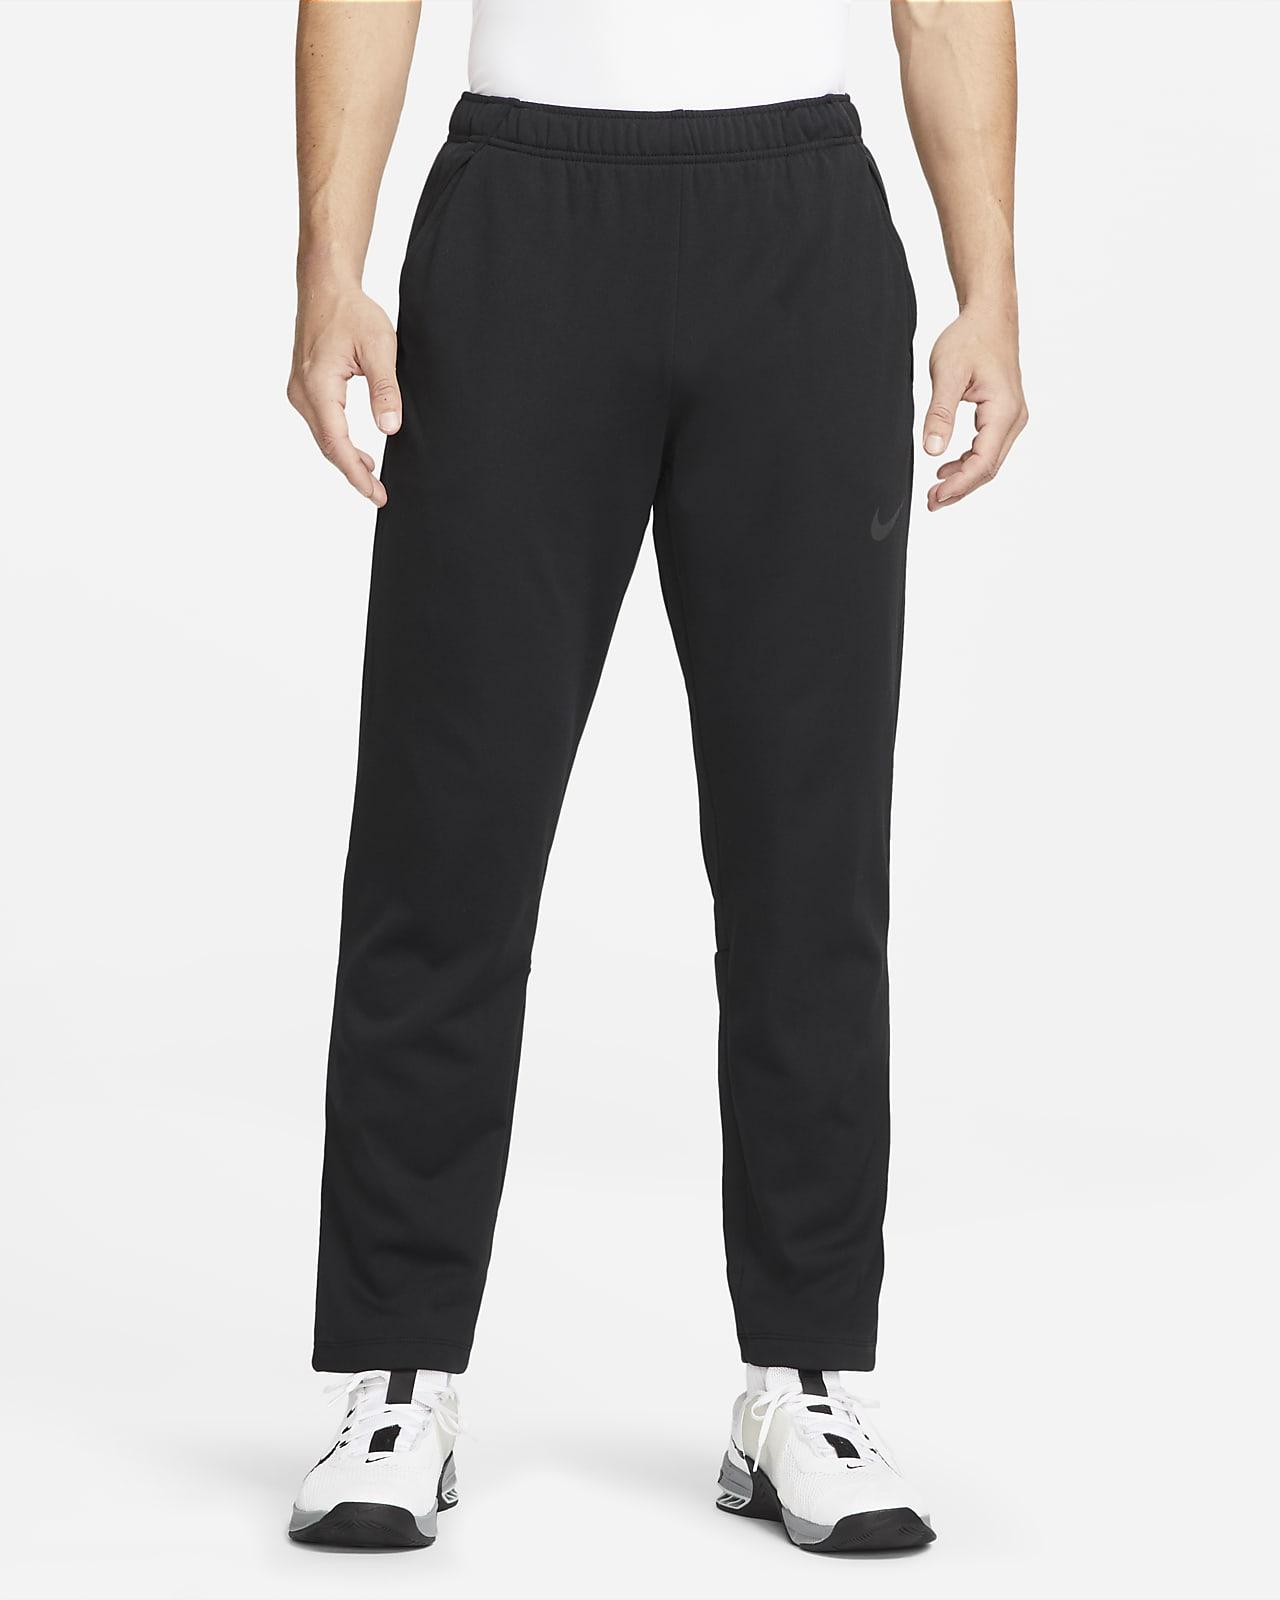 Nike Men's Training Pants